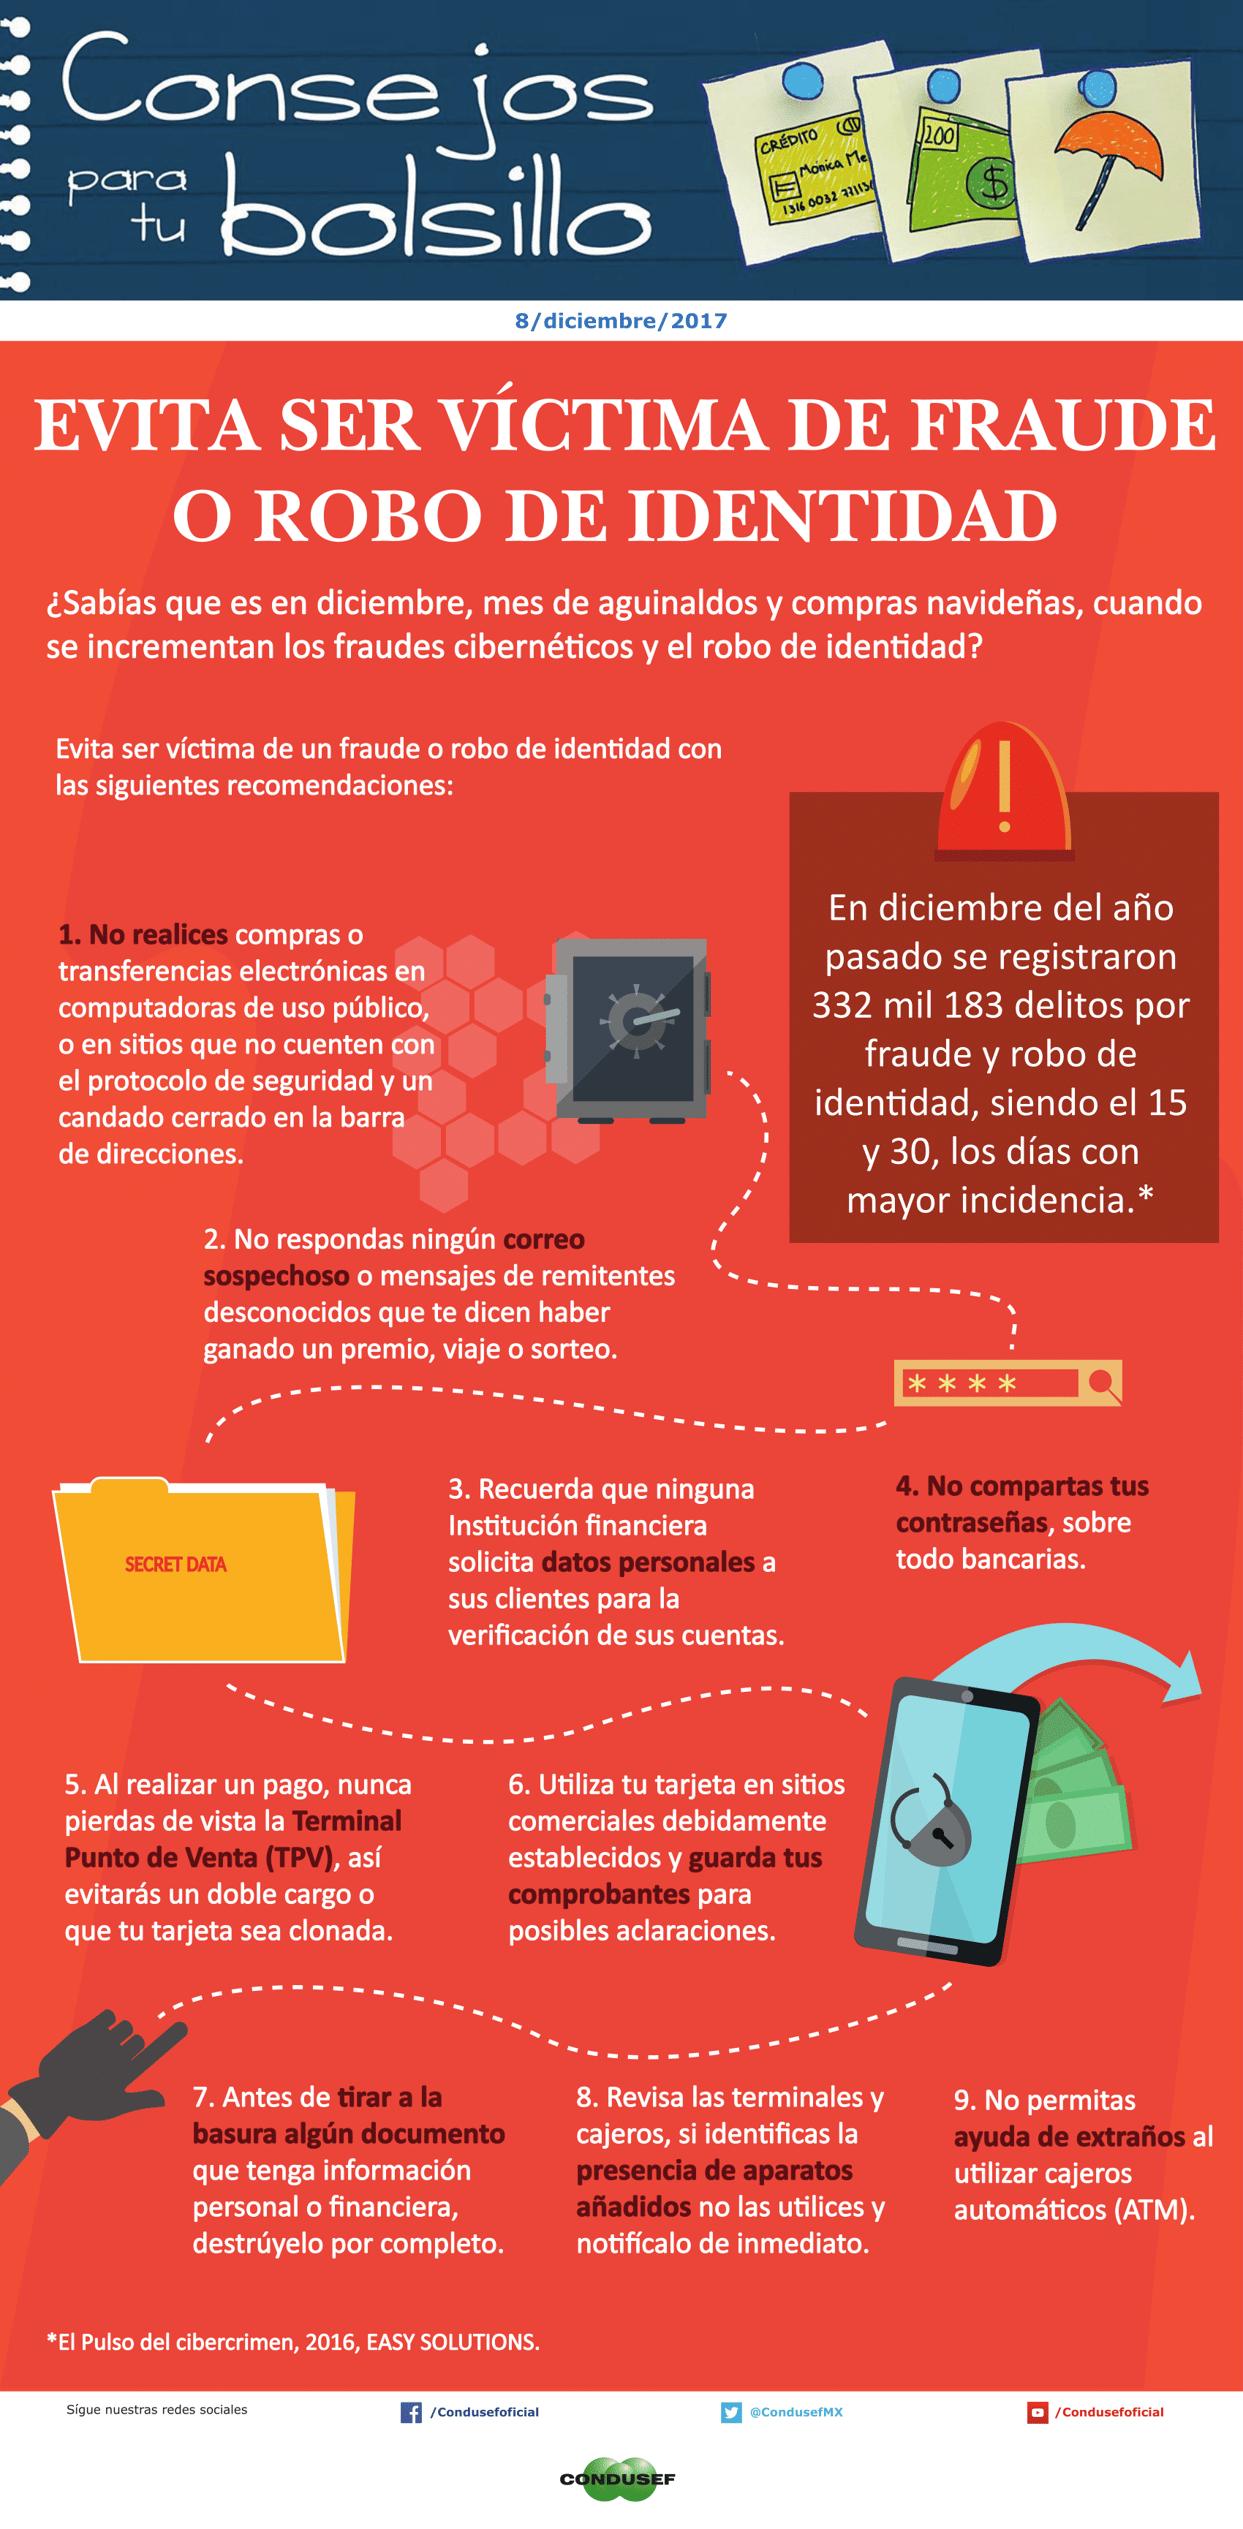 Consejos para tu bolsillo